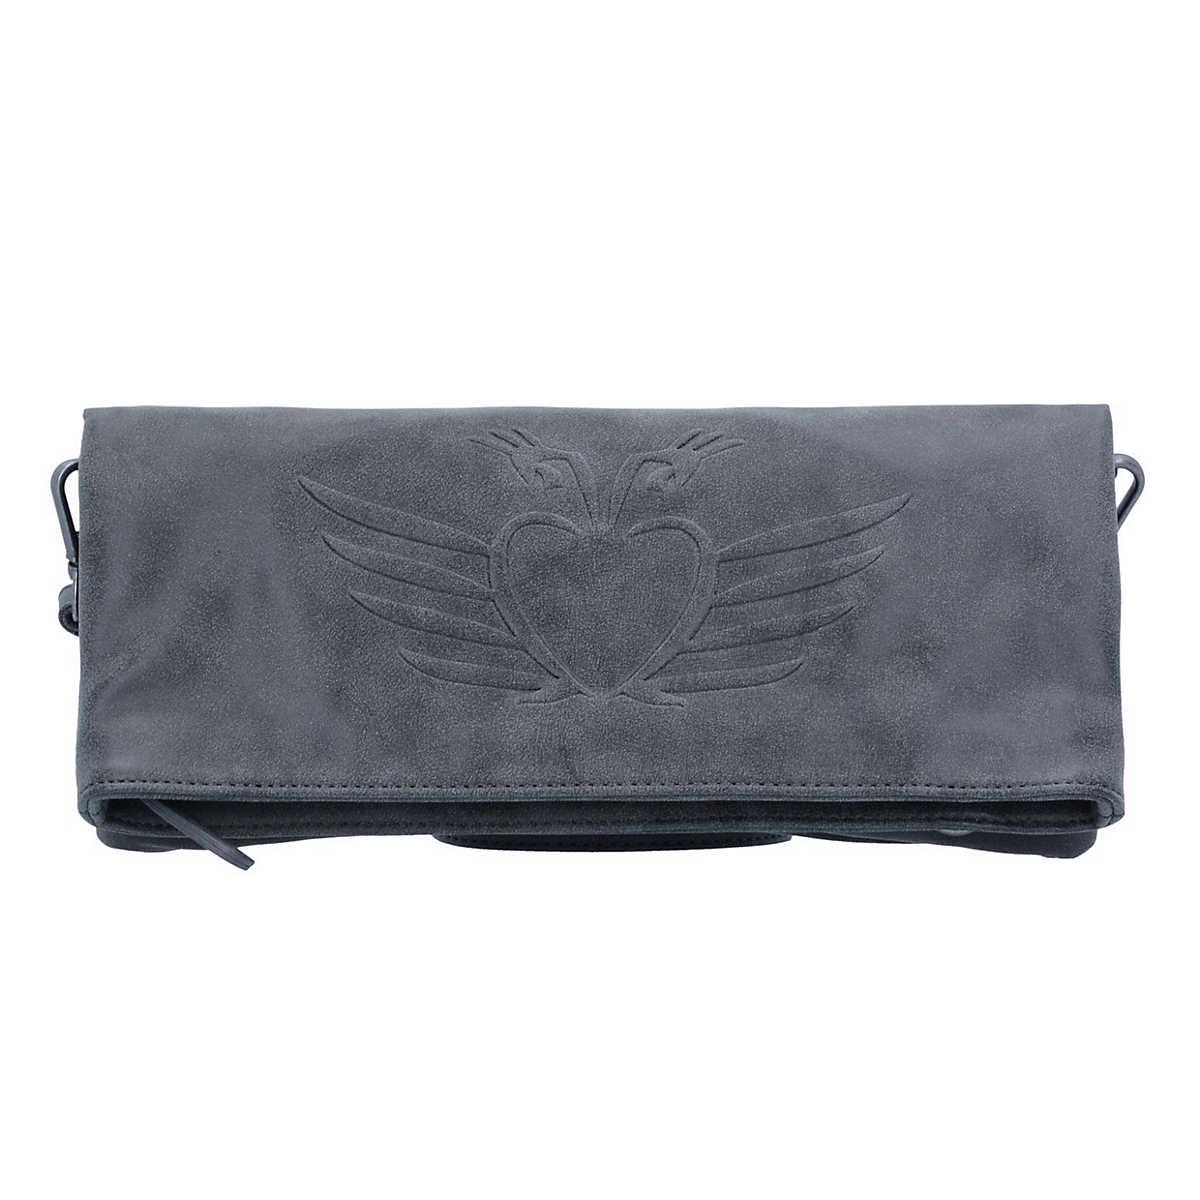 Ronja BW Vintage Clutch Umh�¤ngetasche 29 cm schwarz - Fritzi aus Preu��en - Clutch & Abendtaschen - Taschen - mirapodo.de